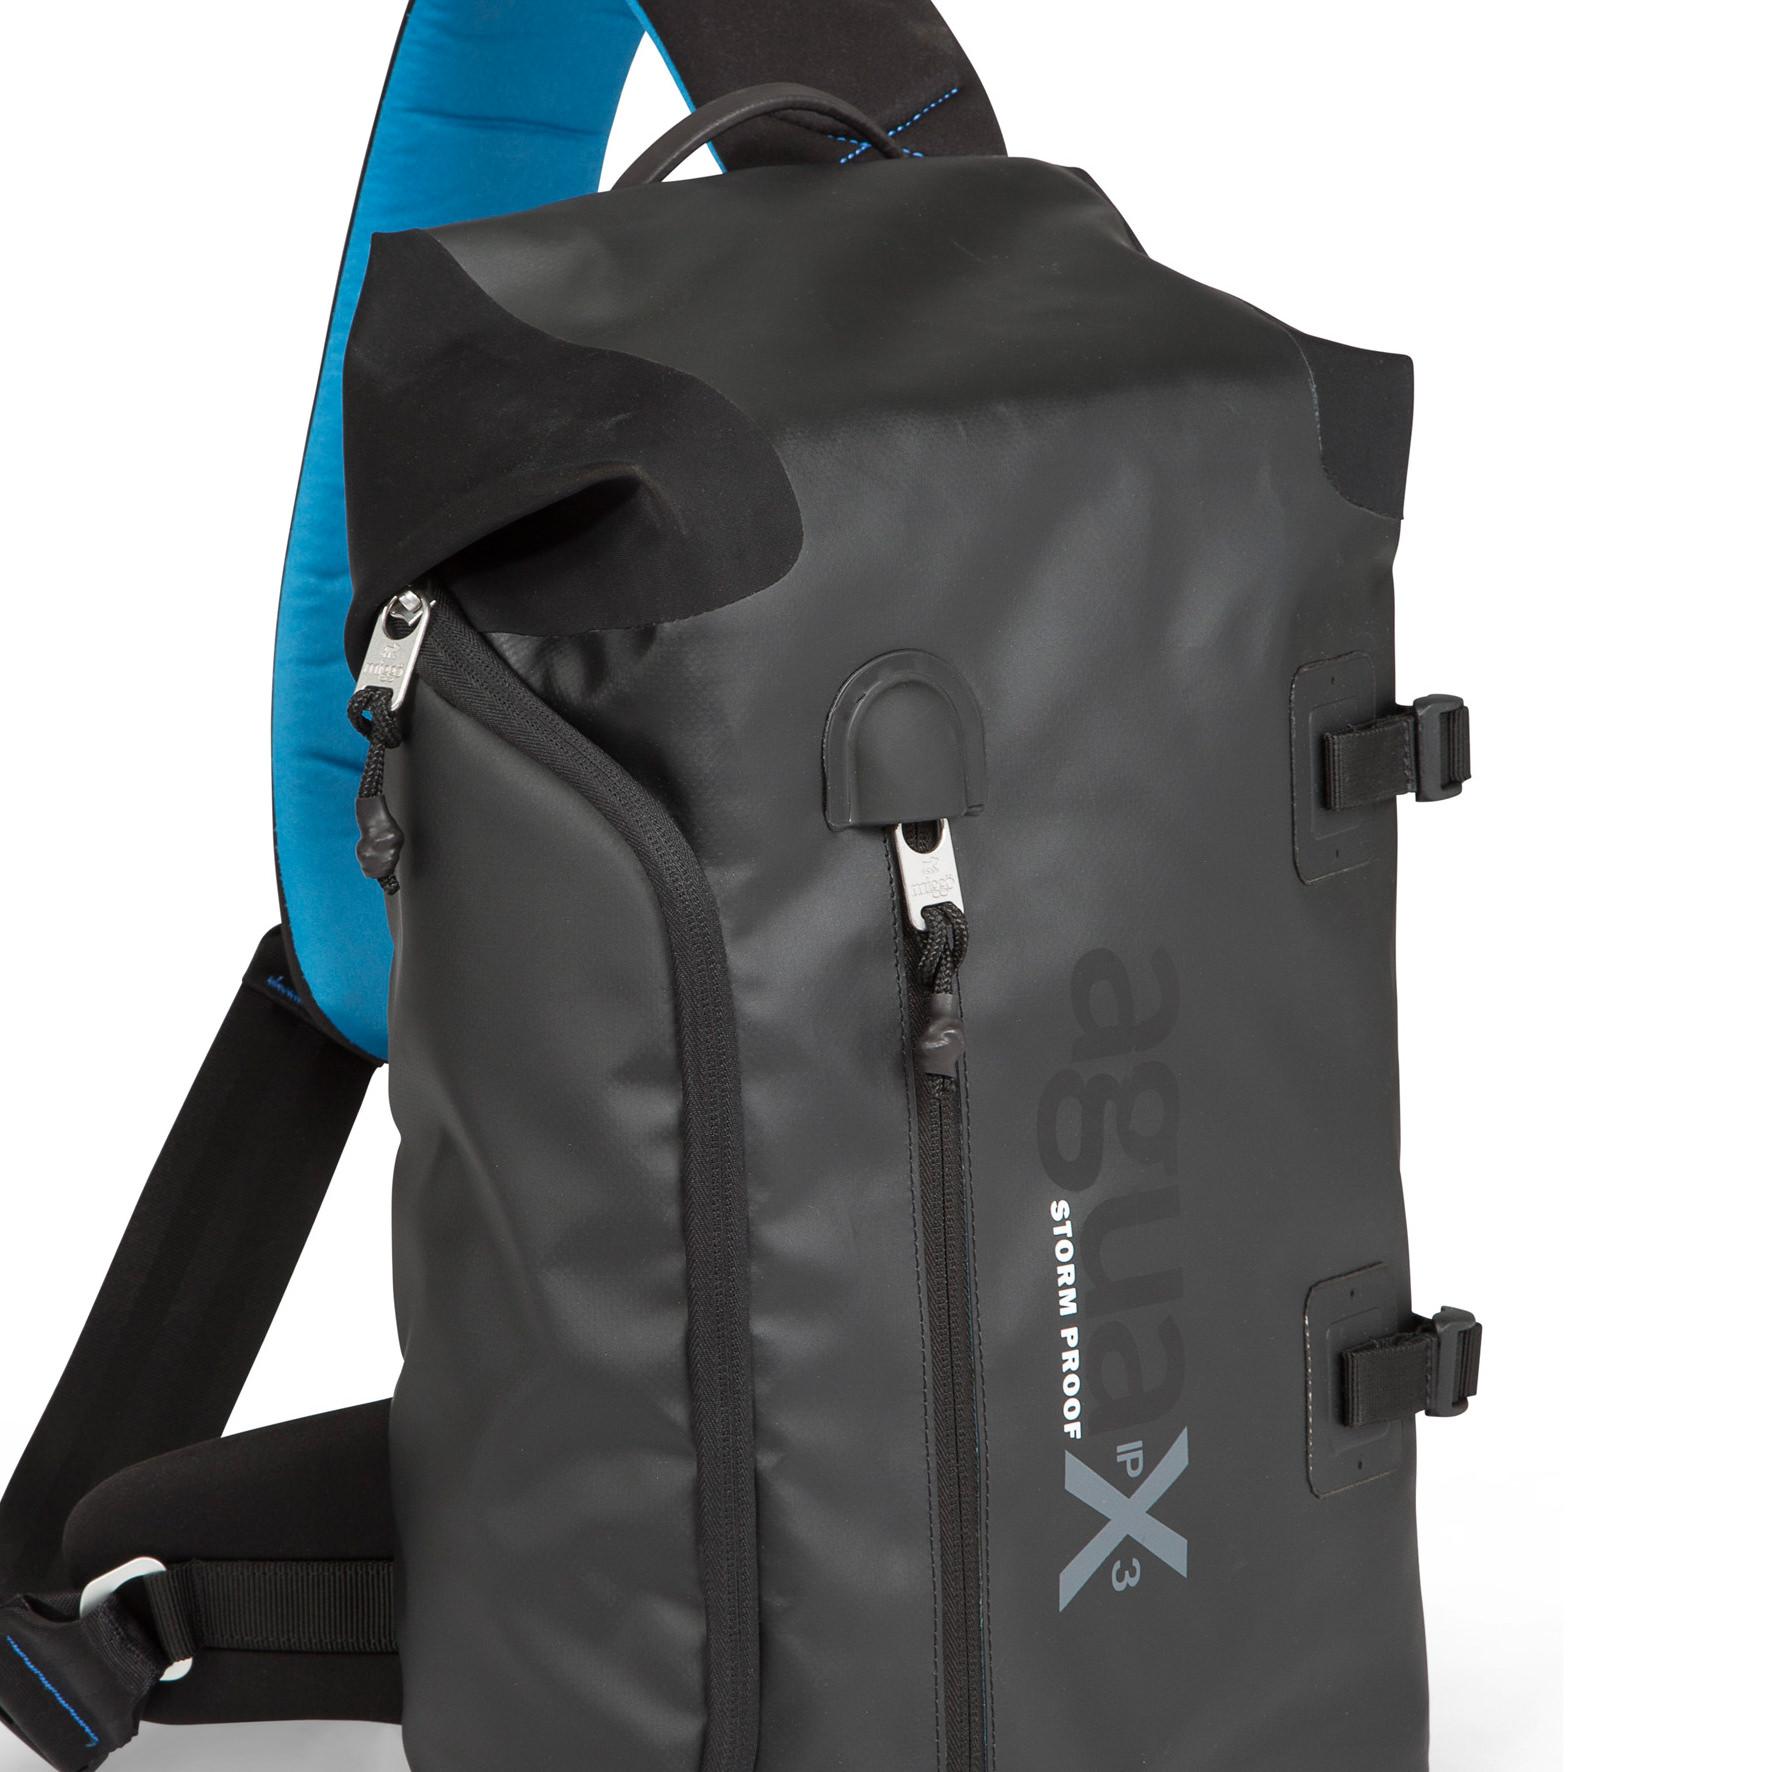 aqua-storm-proof-sling-camera-bag-2.jpg